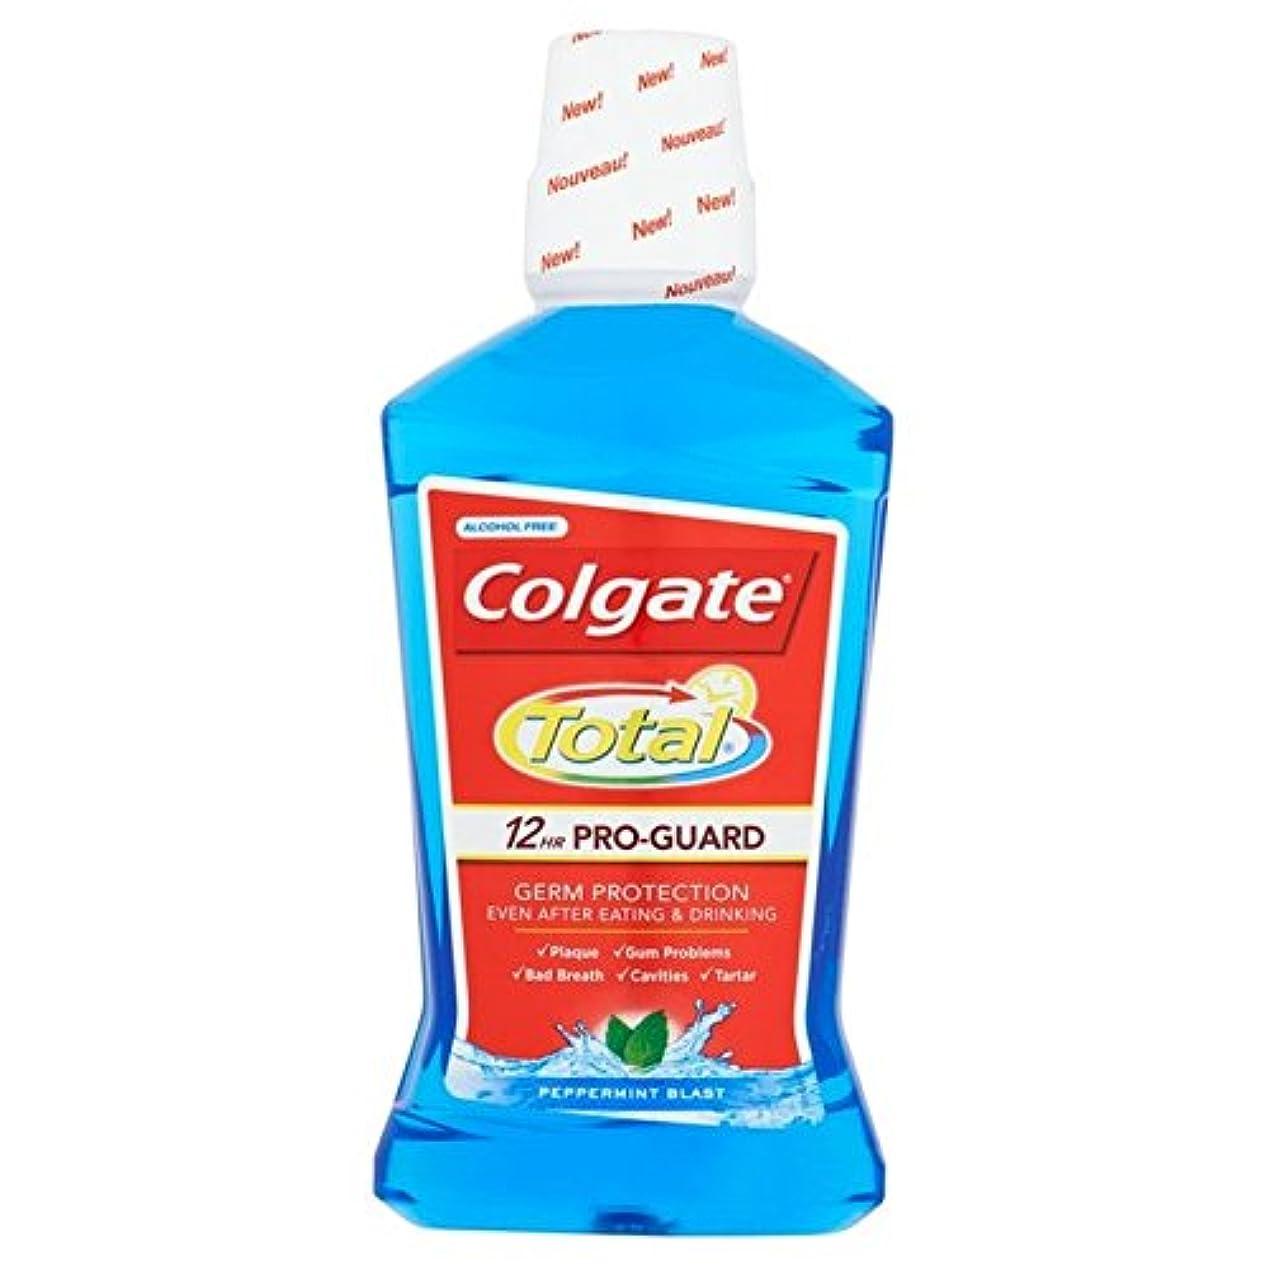 ジョットディボンドン不調和学習者コルゲートトータル高度なブルーマウスウォッシュ500ミリリットル x4 - Colgate Total Advanced Blue Mouthwash 500ml (Pack of 4) [並行輸入品]